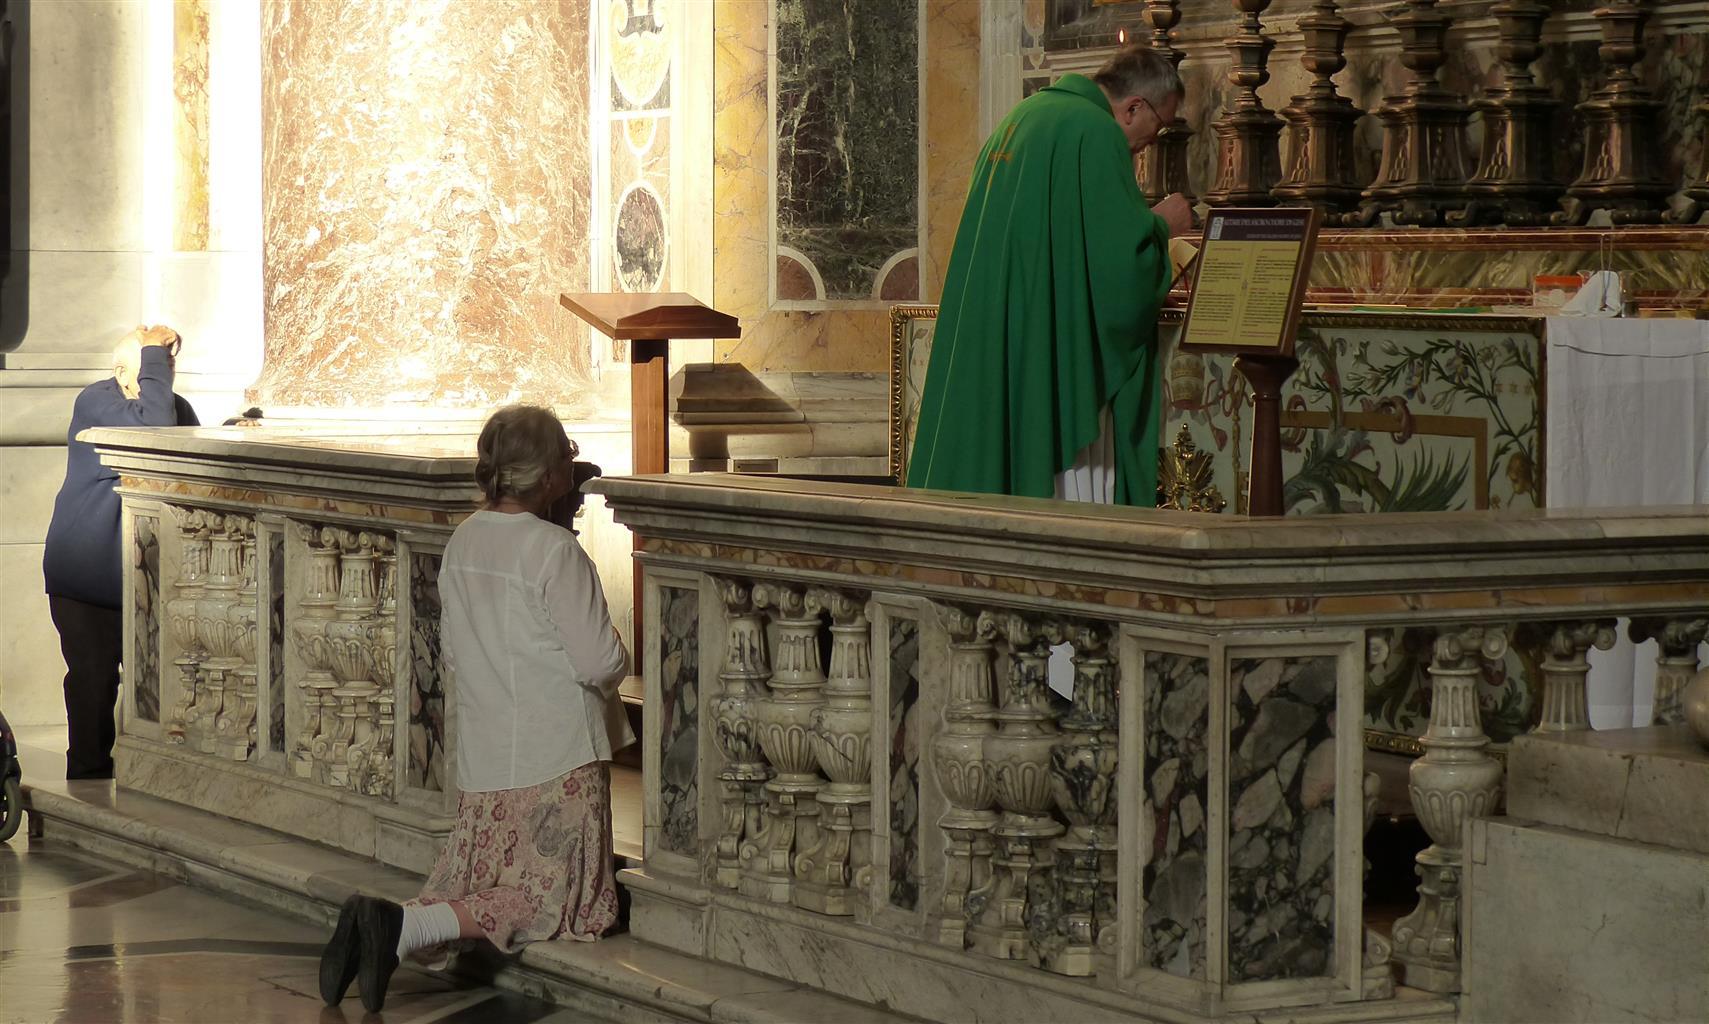 Een vropuwtje komt om een sacrament in een bijkapel in de Sint Pietersbasiliek in Rome.